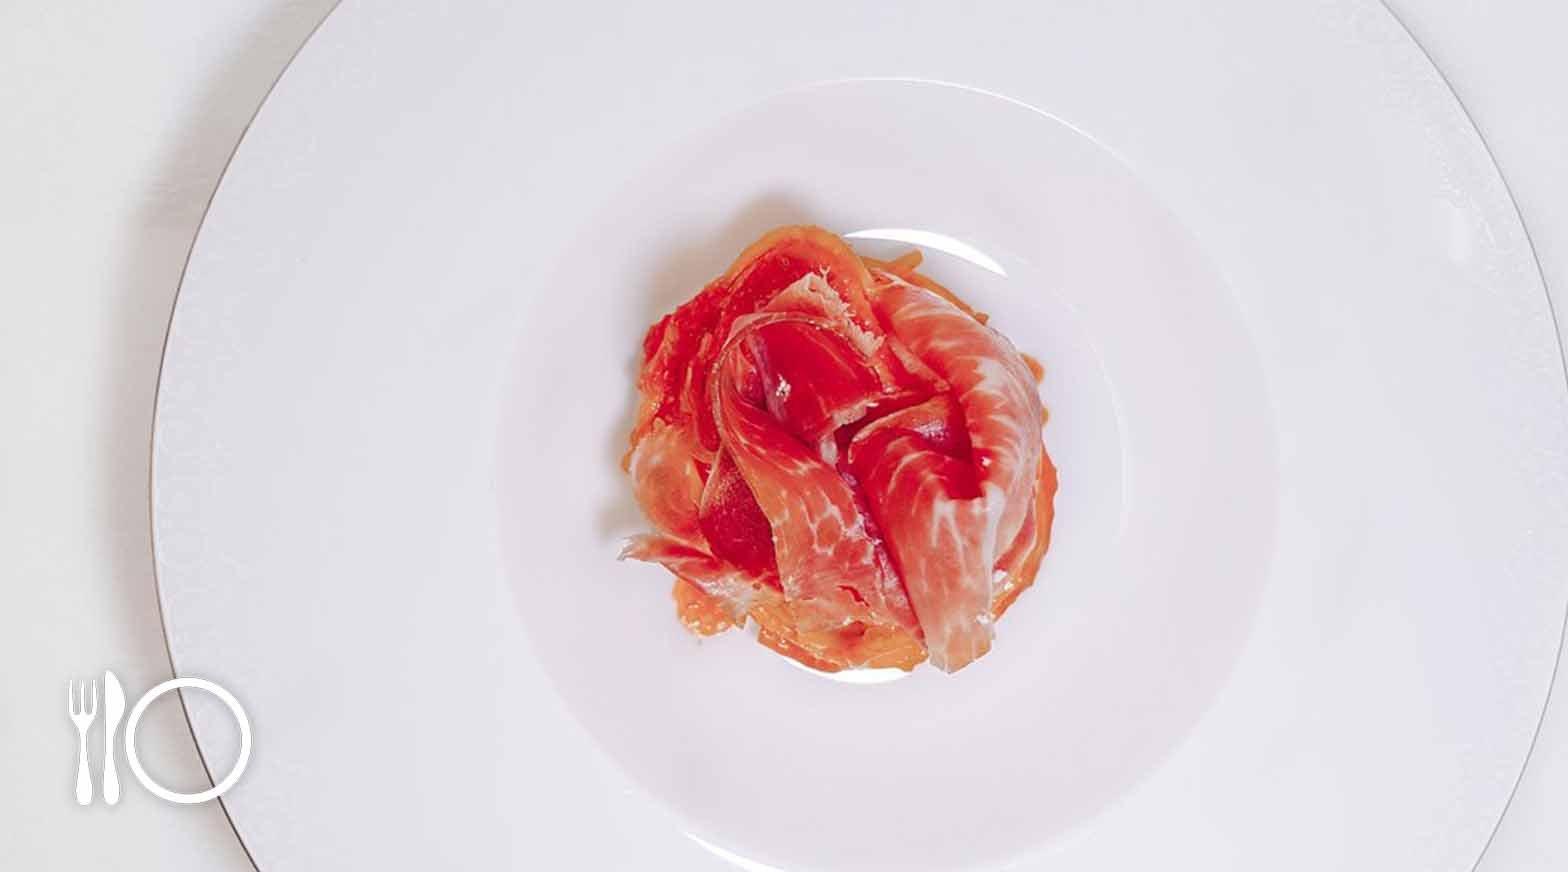 米其林餐盤|德朗法式餐廳-米其林推薦|1000 元折抵 送葡萄酒